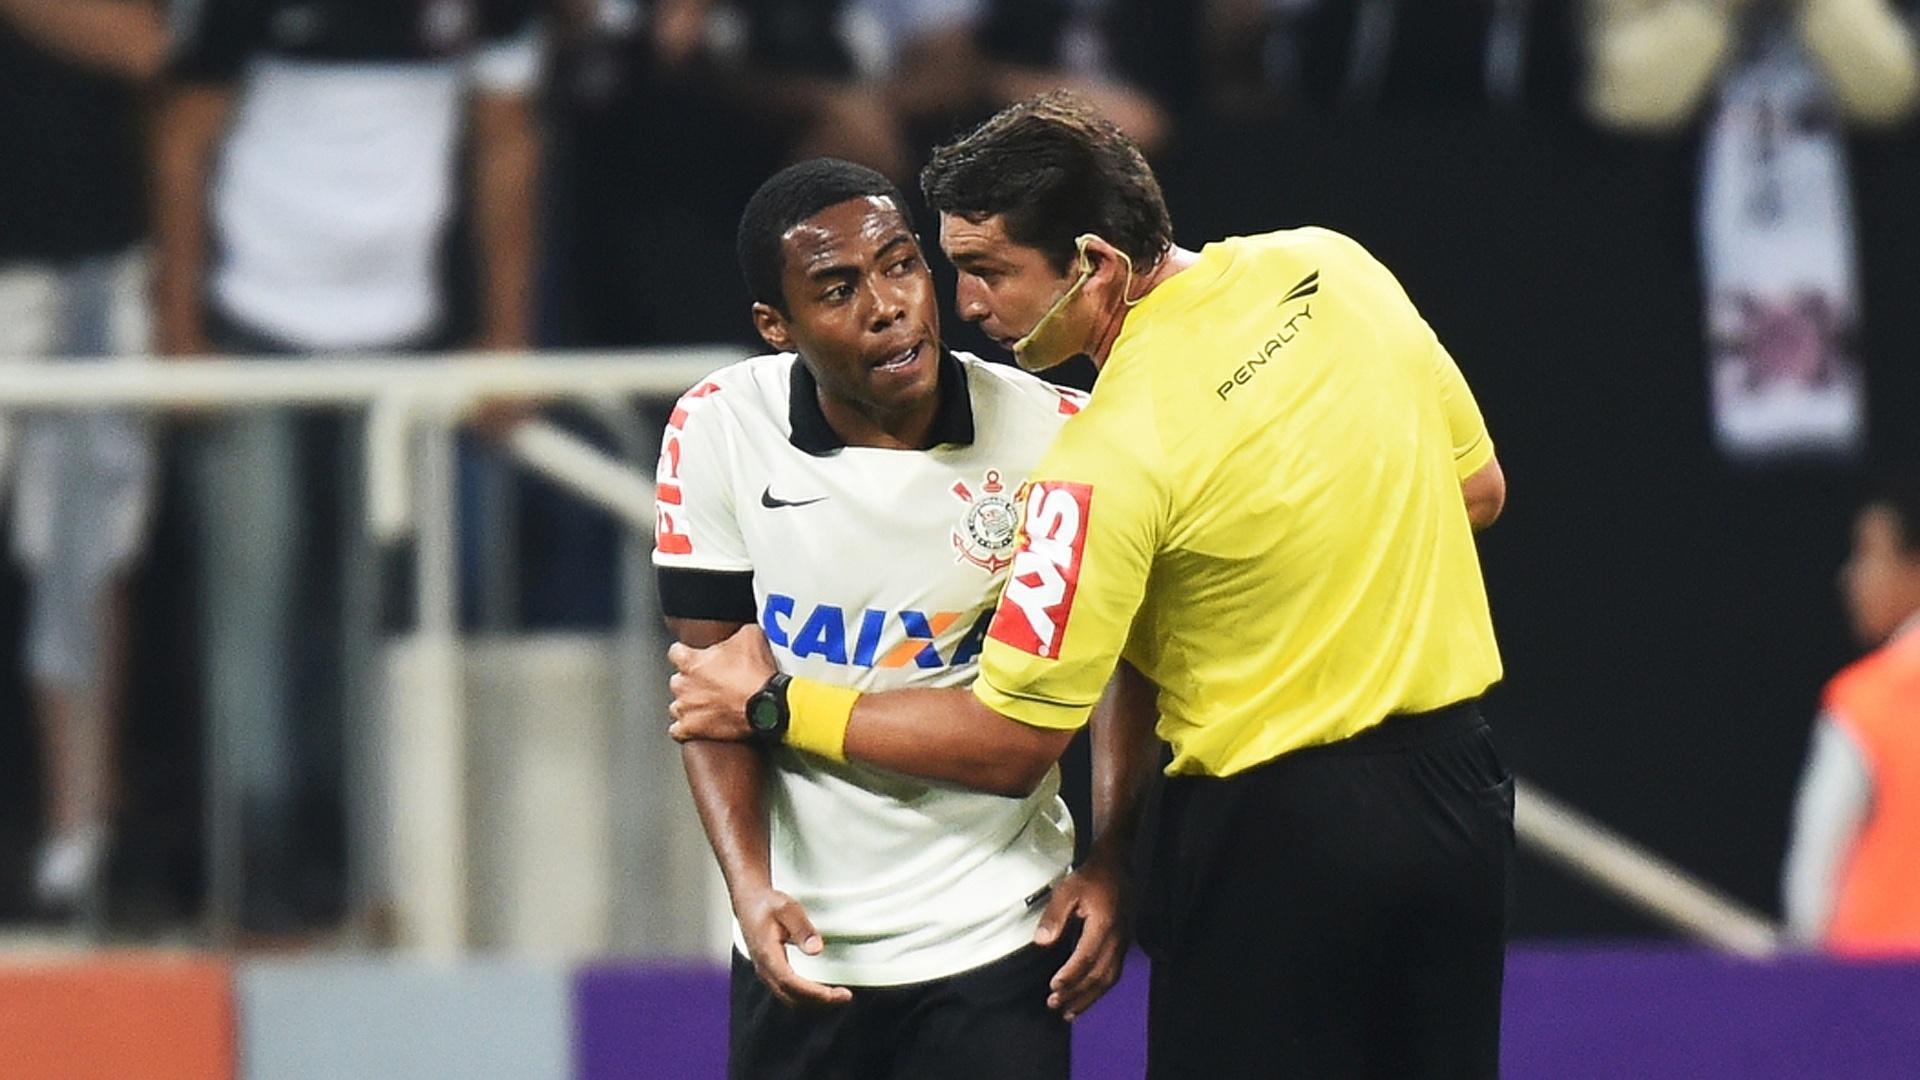 Juiz conversa com Elias durante jogo entre Corinthians e Internacional (17.jul.2014)